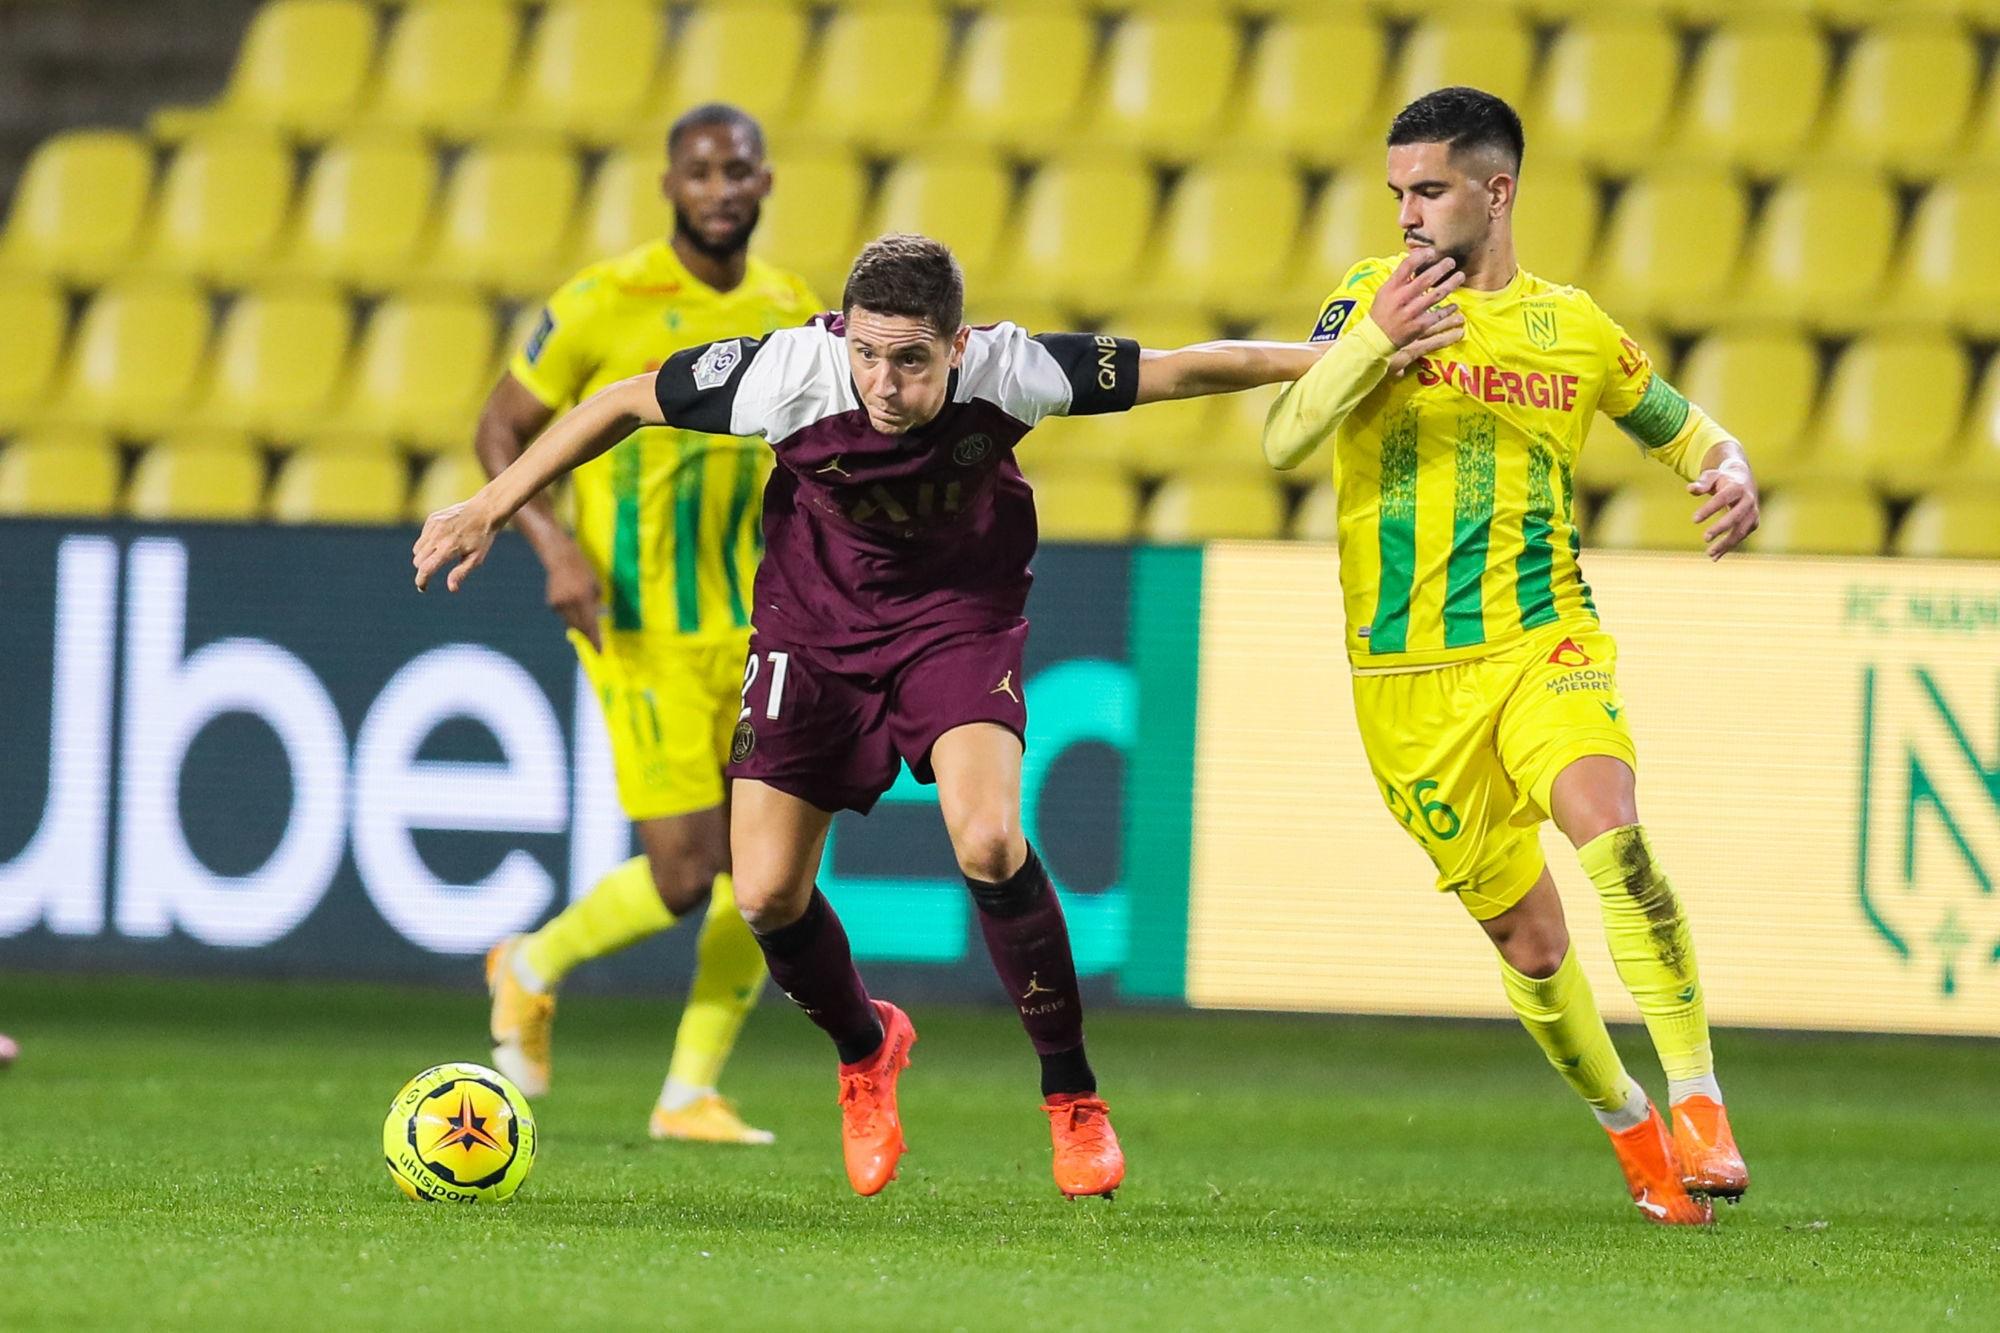 """Nantes/PSG - Herrera revient sur la victoire """"Merci aussi à Navas"""""""